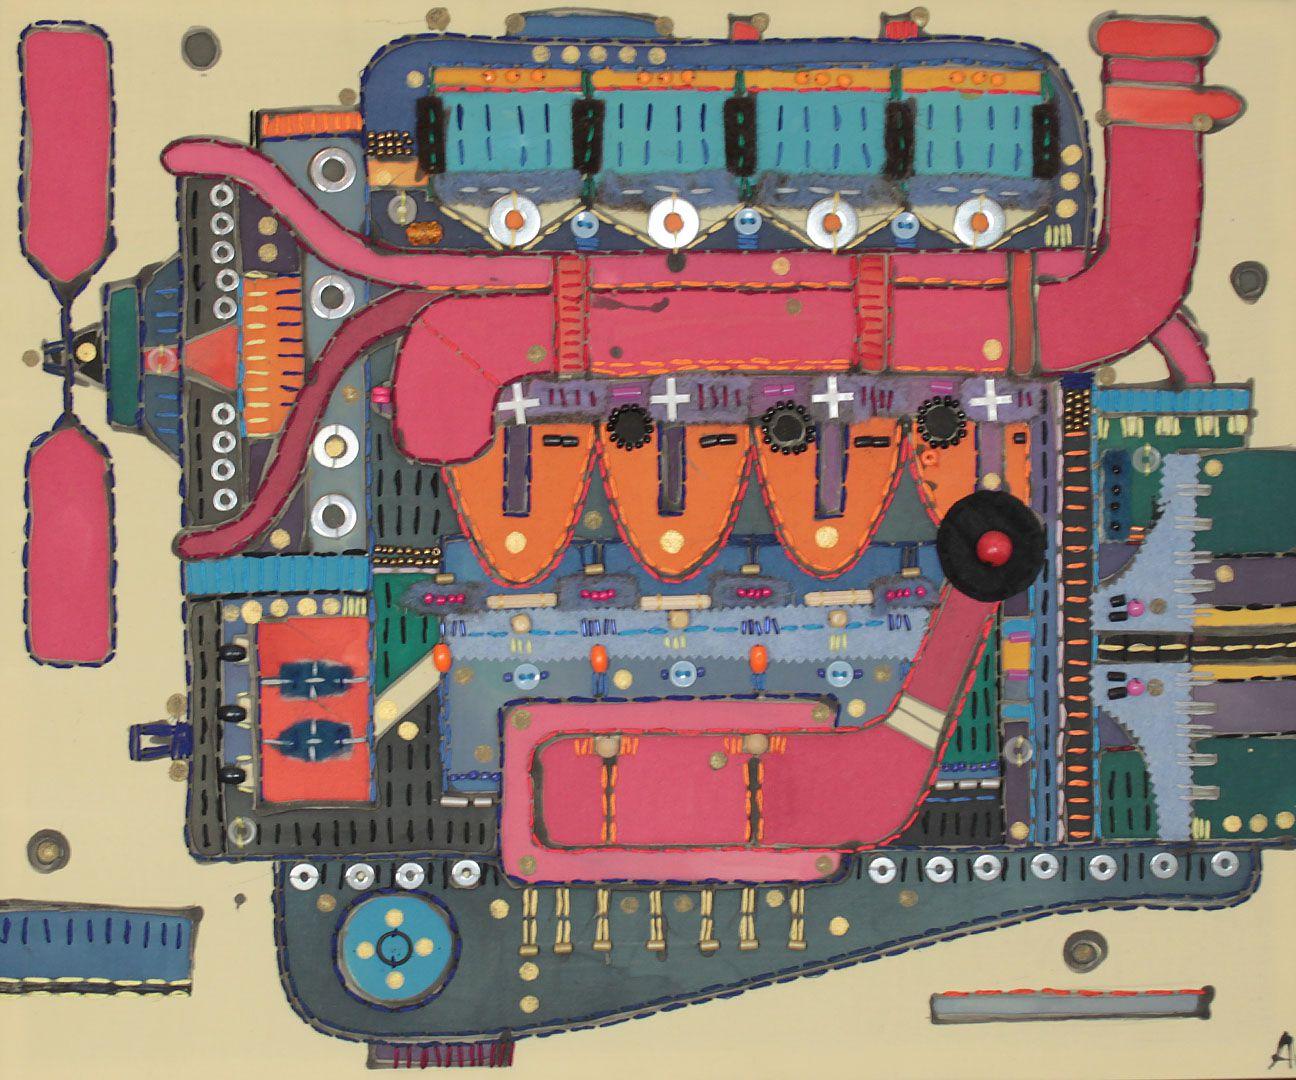 арттекстиль техноэтно декоративноепанно картинукупить картина этно